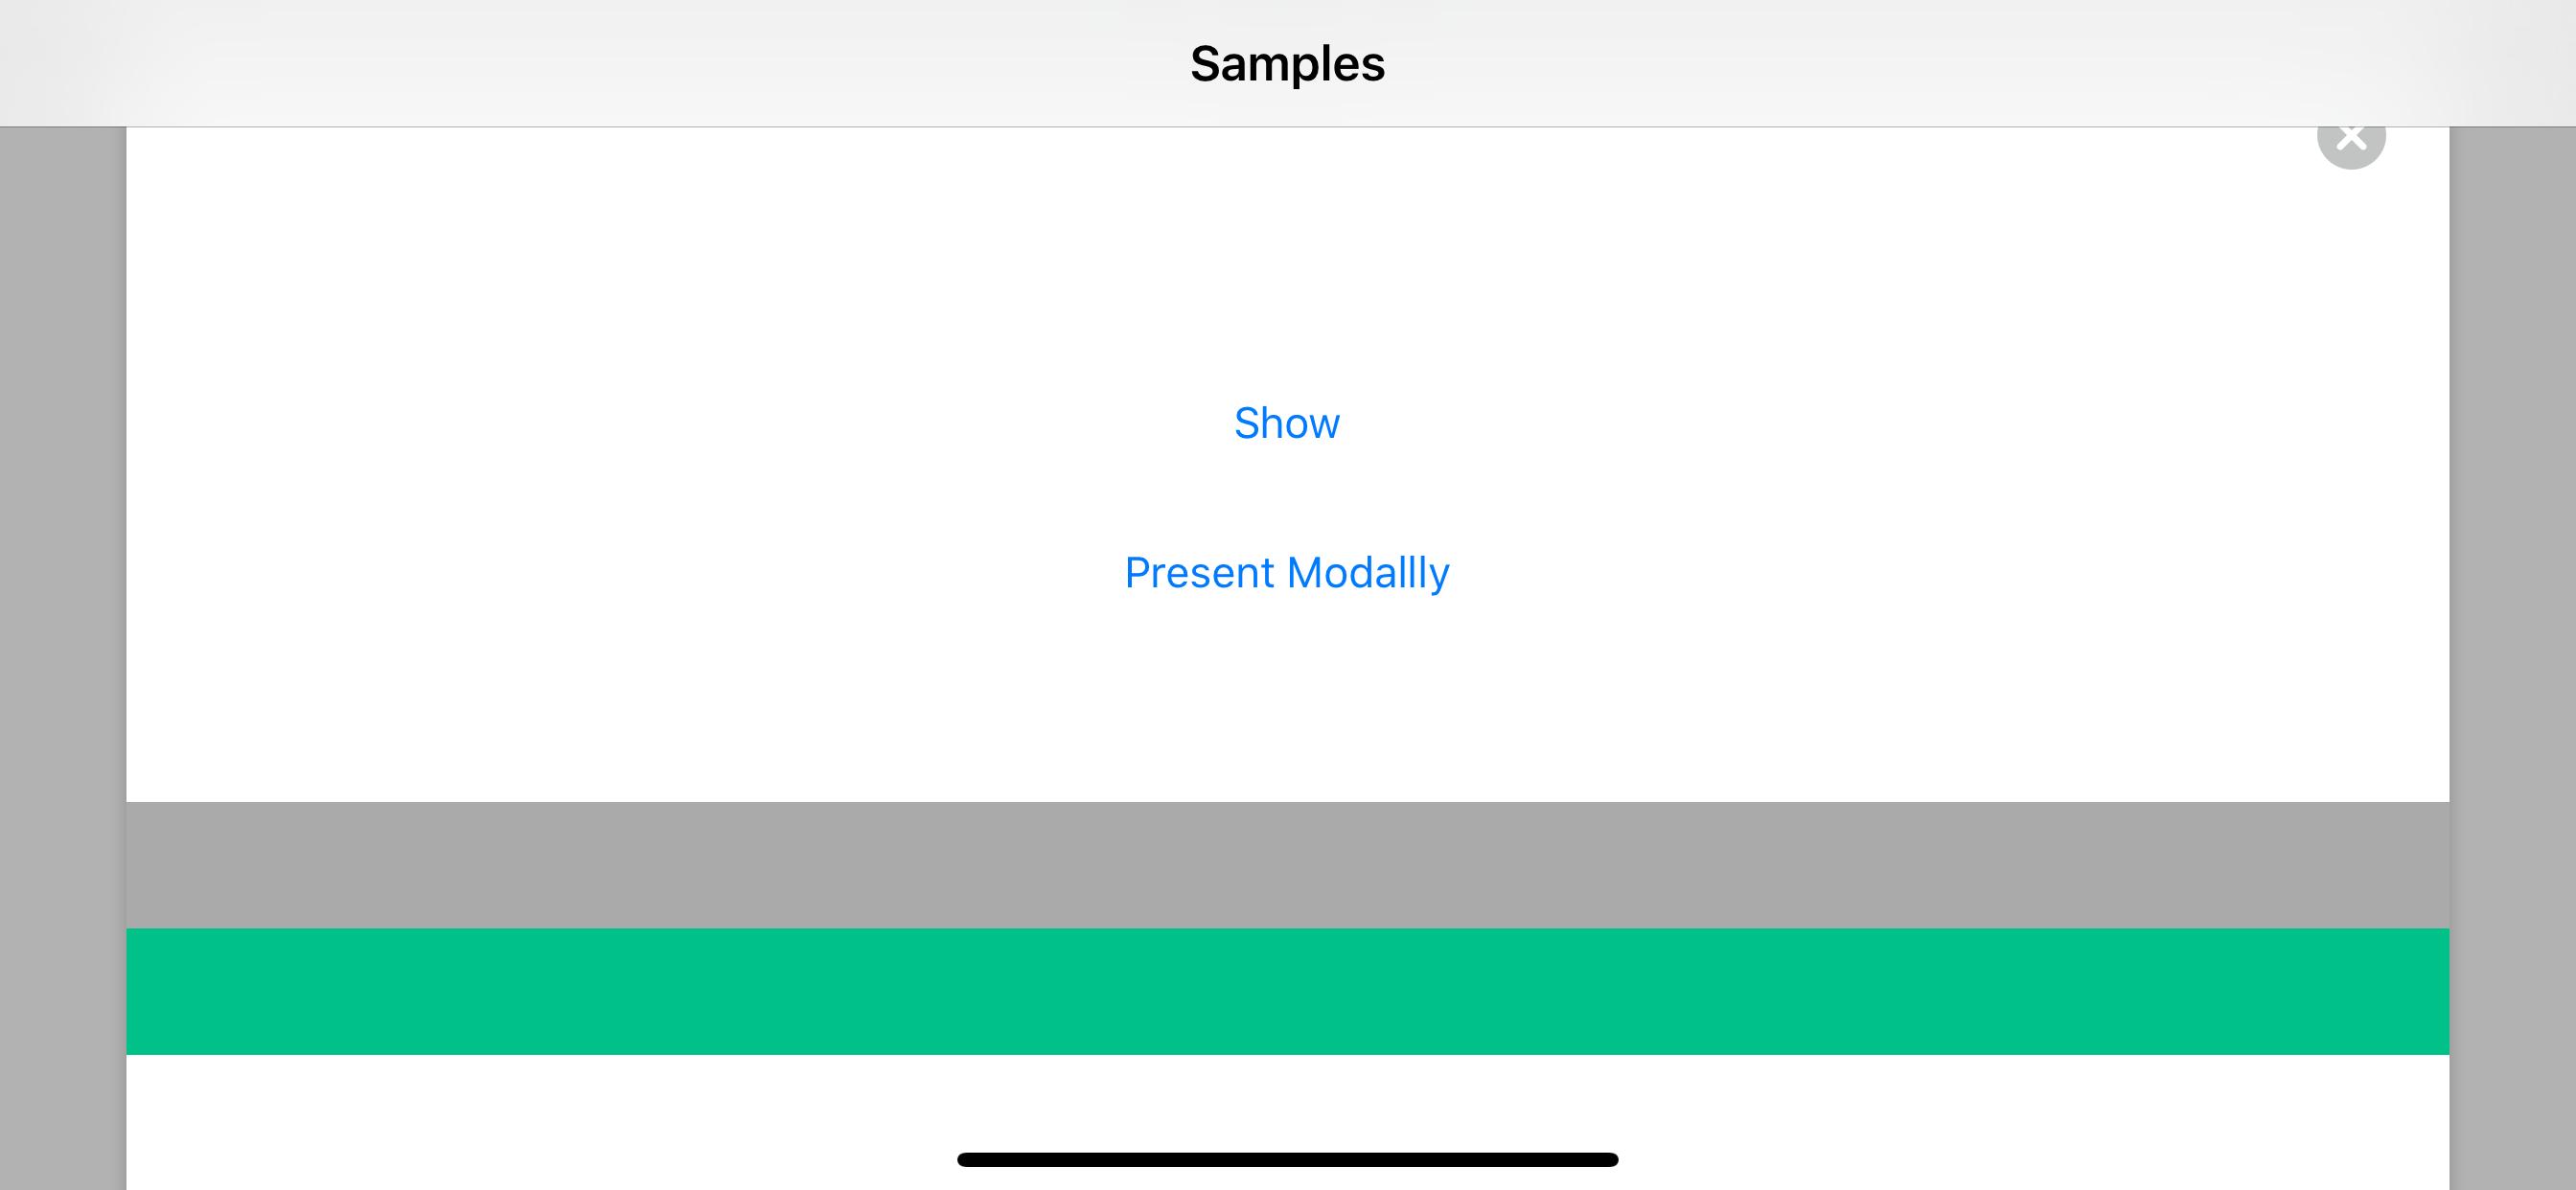 simulator screen shot - iphone xs max - 2018-11-09 at 09 00 36